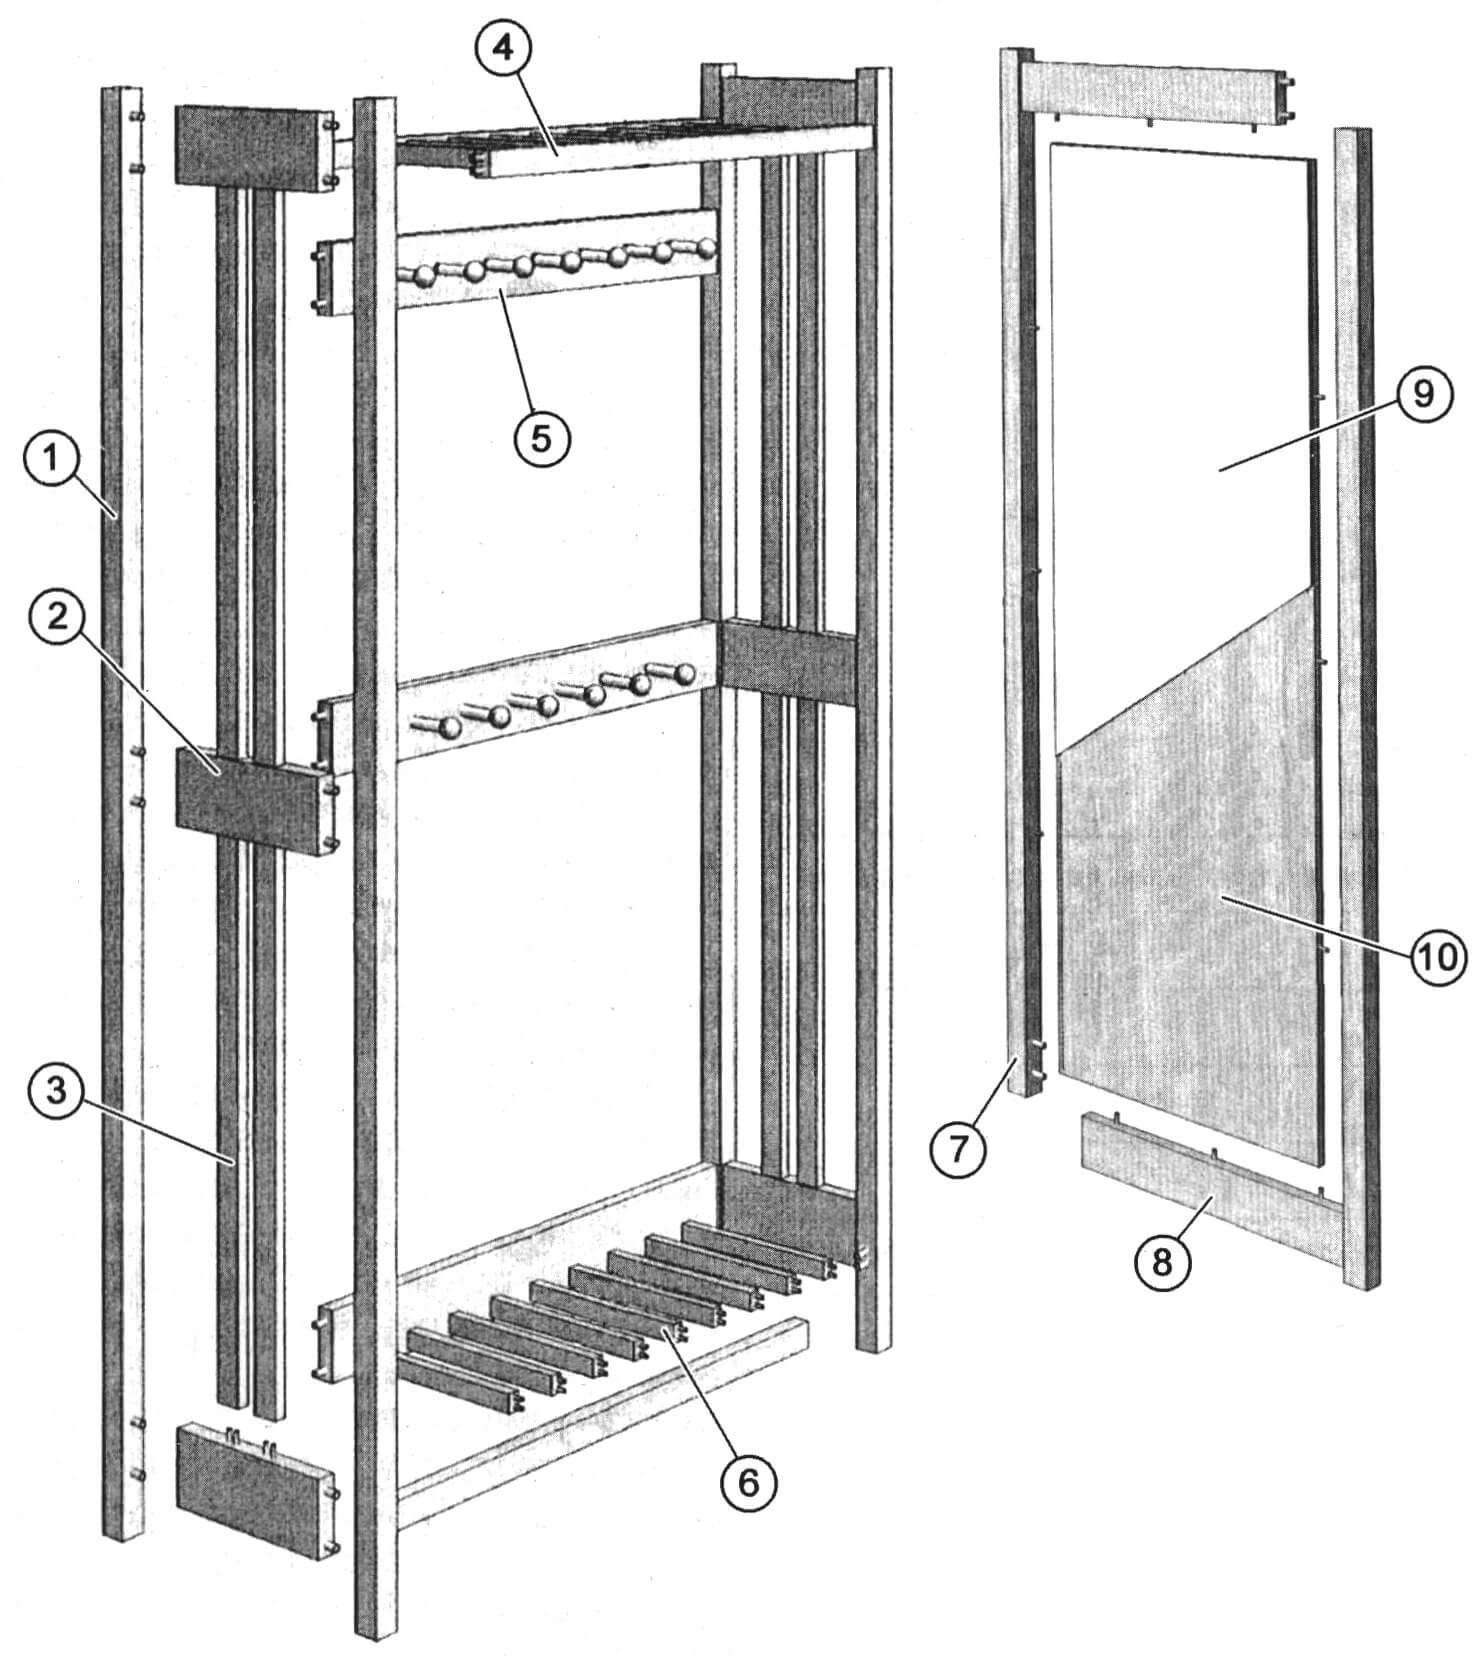 Сборочный чертеж: 1 - стойка (4 шт.), 2 - горизонтальная деталь боковины (6 шт.), 3 - вертикальная деталь боковины (8 шт.), 4 - поперечный элемент каркаса (3 шт.), 5 — поперечный элемент каркаса (3 шт.), 6 - деталь полки (18 шт.), 7 - вертикальная деталь рамы зеркала (2 шт.), 8 - горизонтальная деталь рамы зеркала (2 шт.), 9 - зеркало, 10 - задняя стенка зеркала